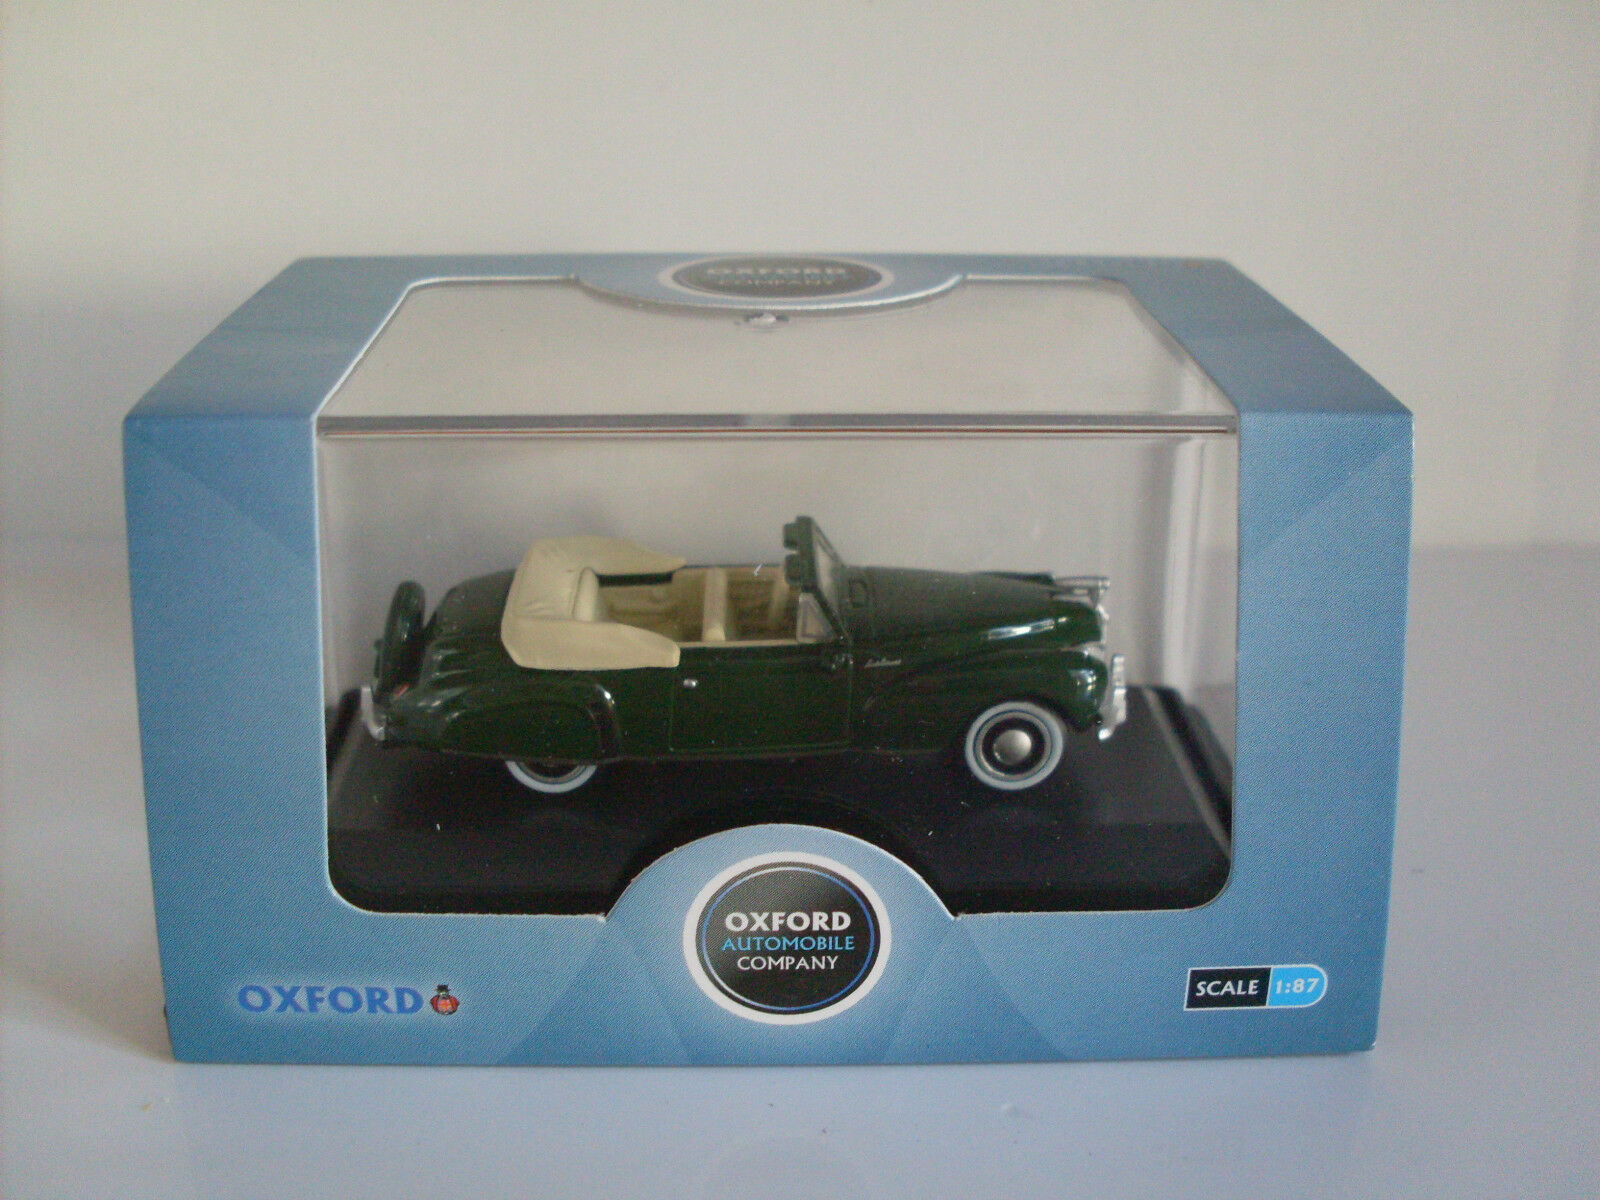 LINCOLN CONTINENTAL green, échelle H0, Oxford voiture véhicule modèle 1 87